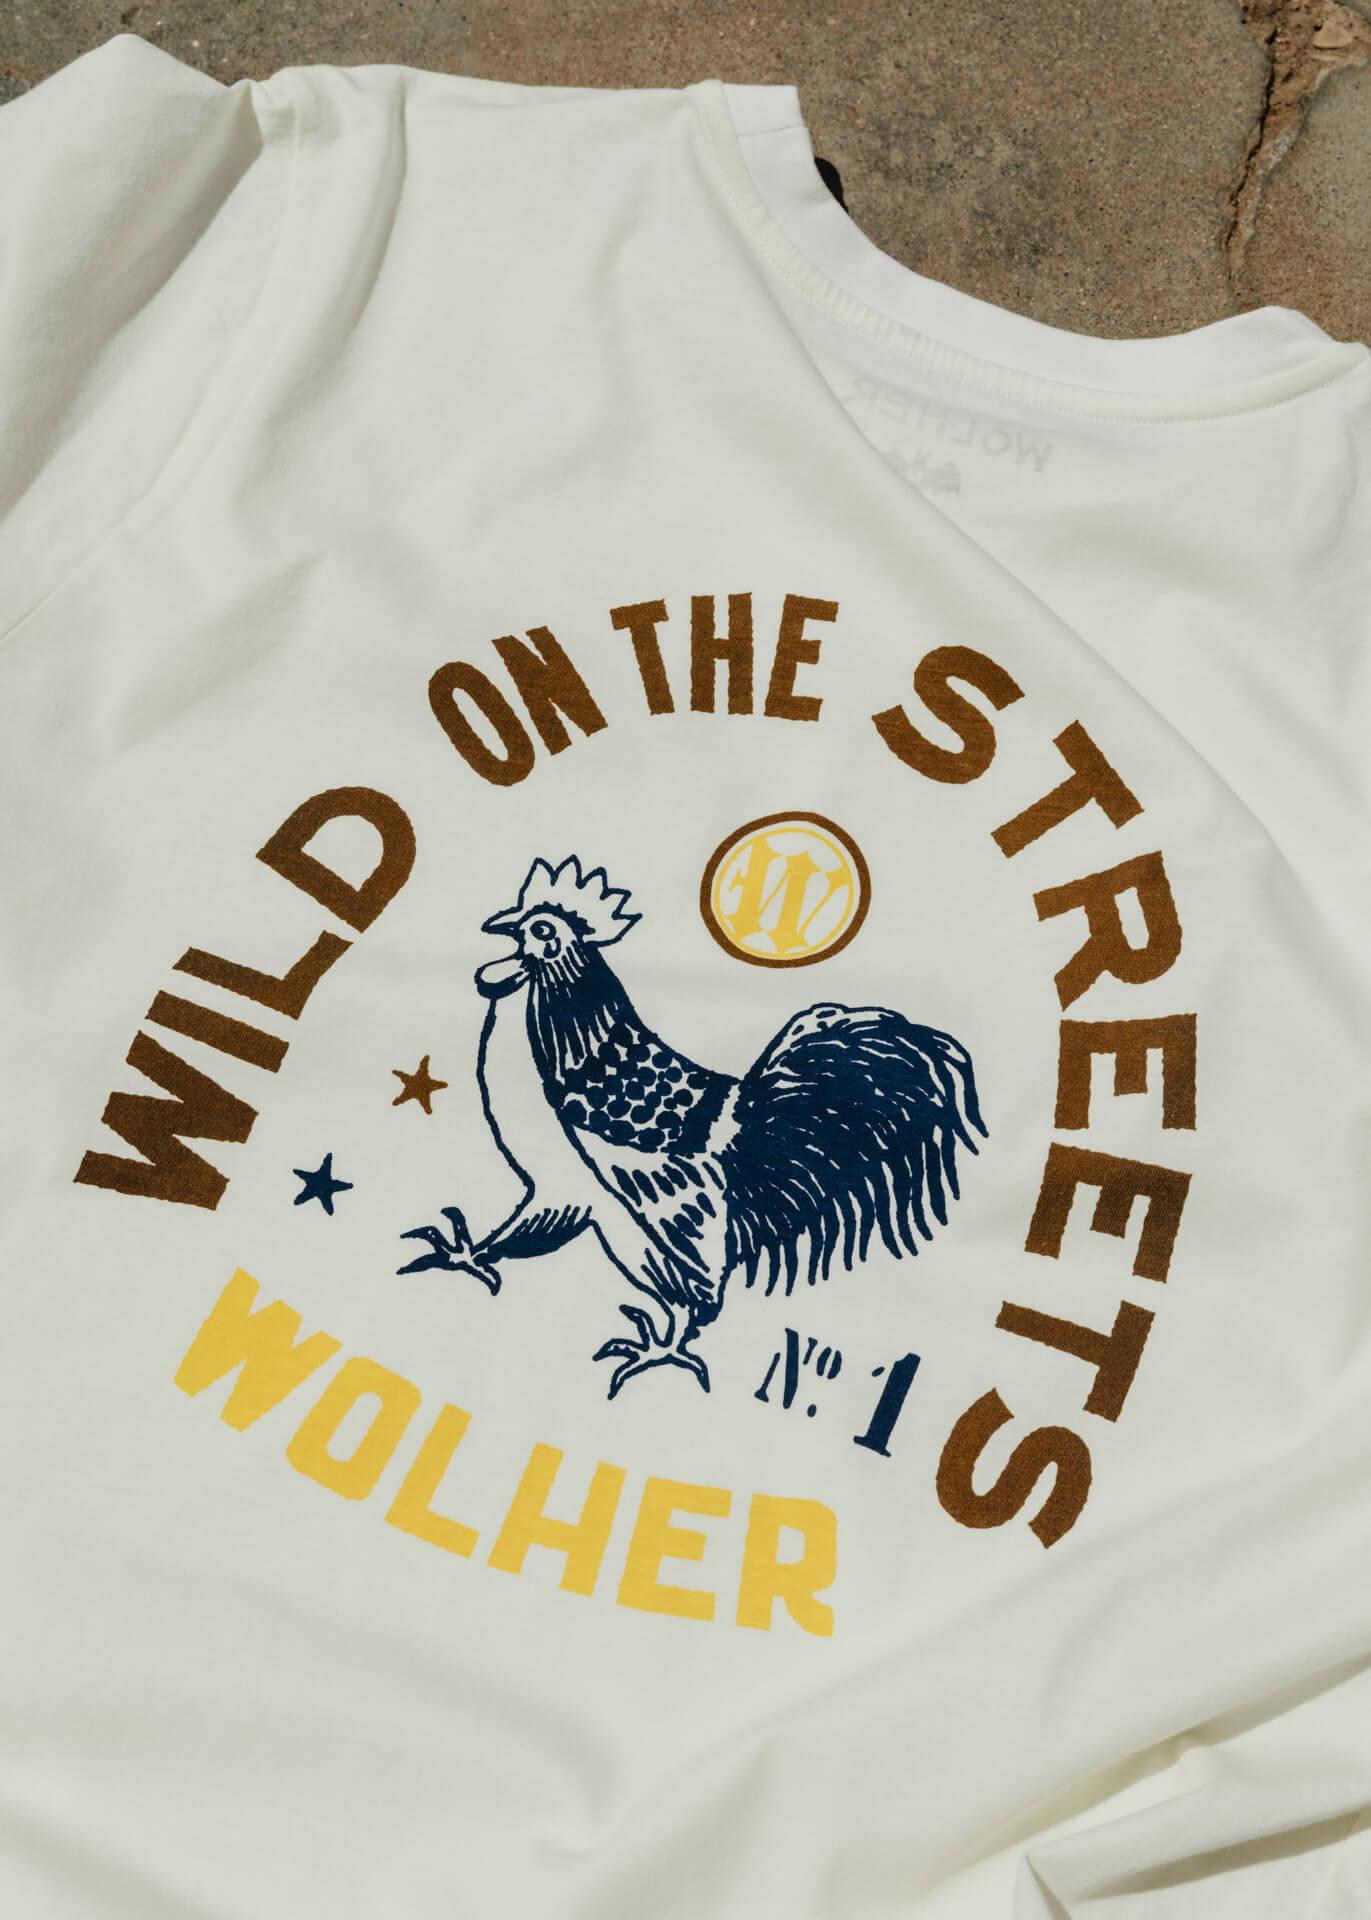 WILD STREETS TSHIRT